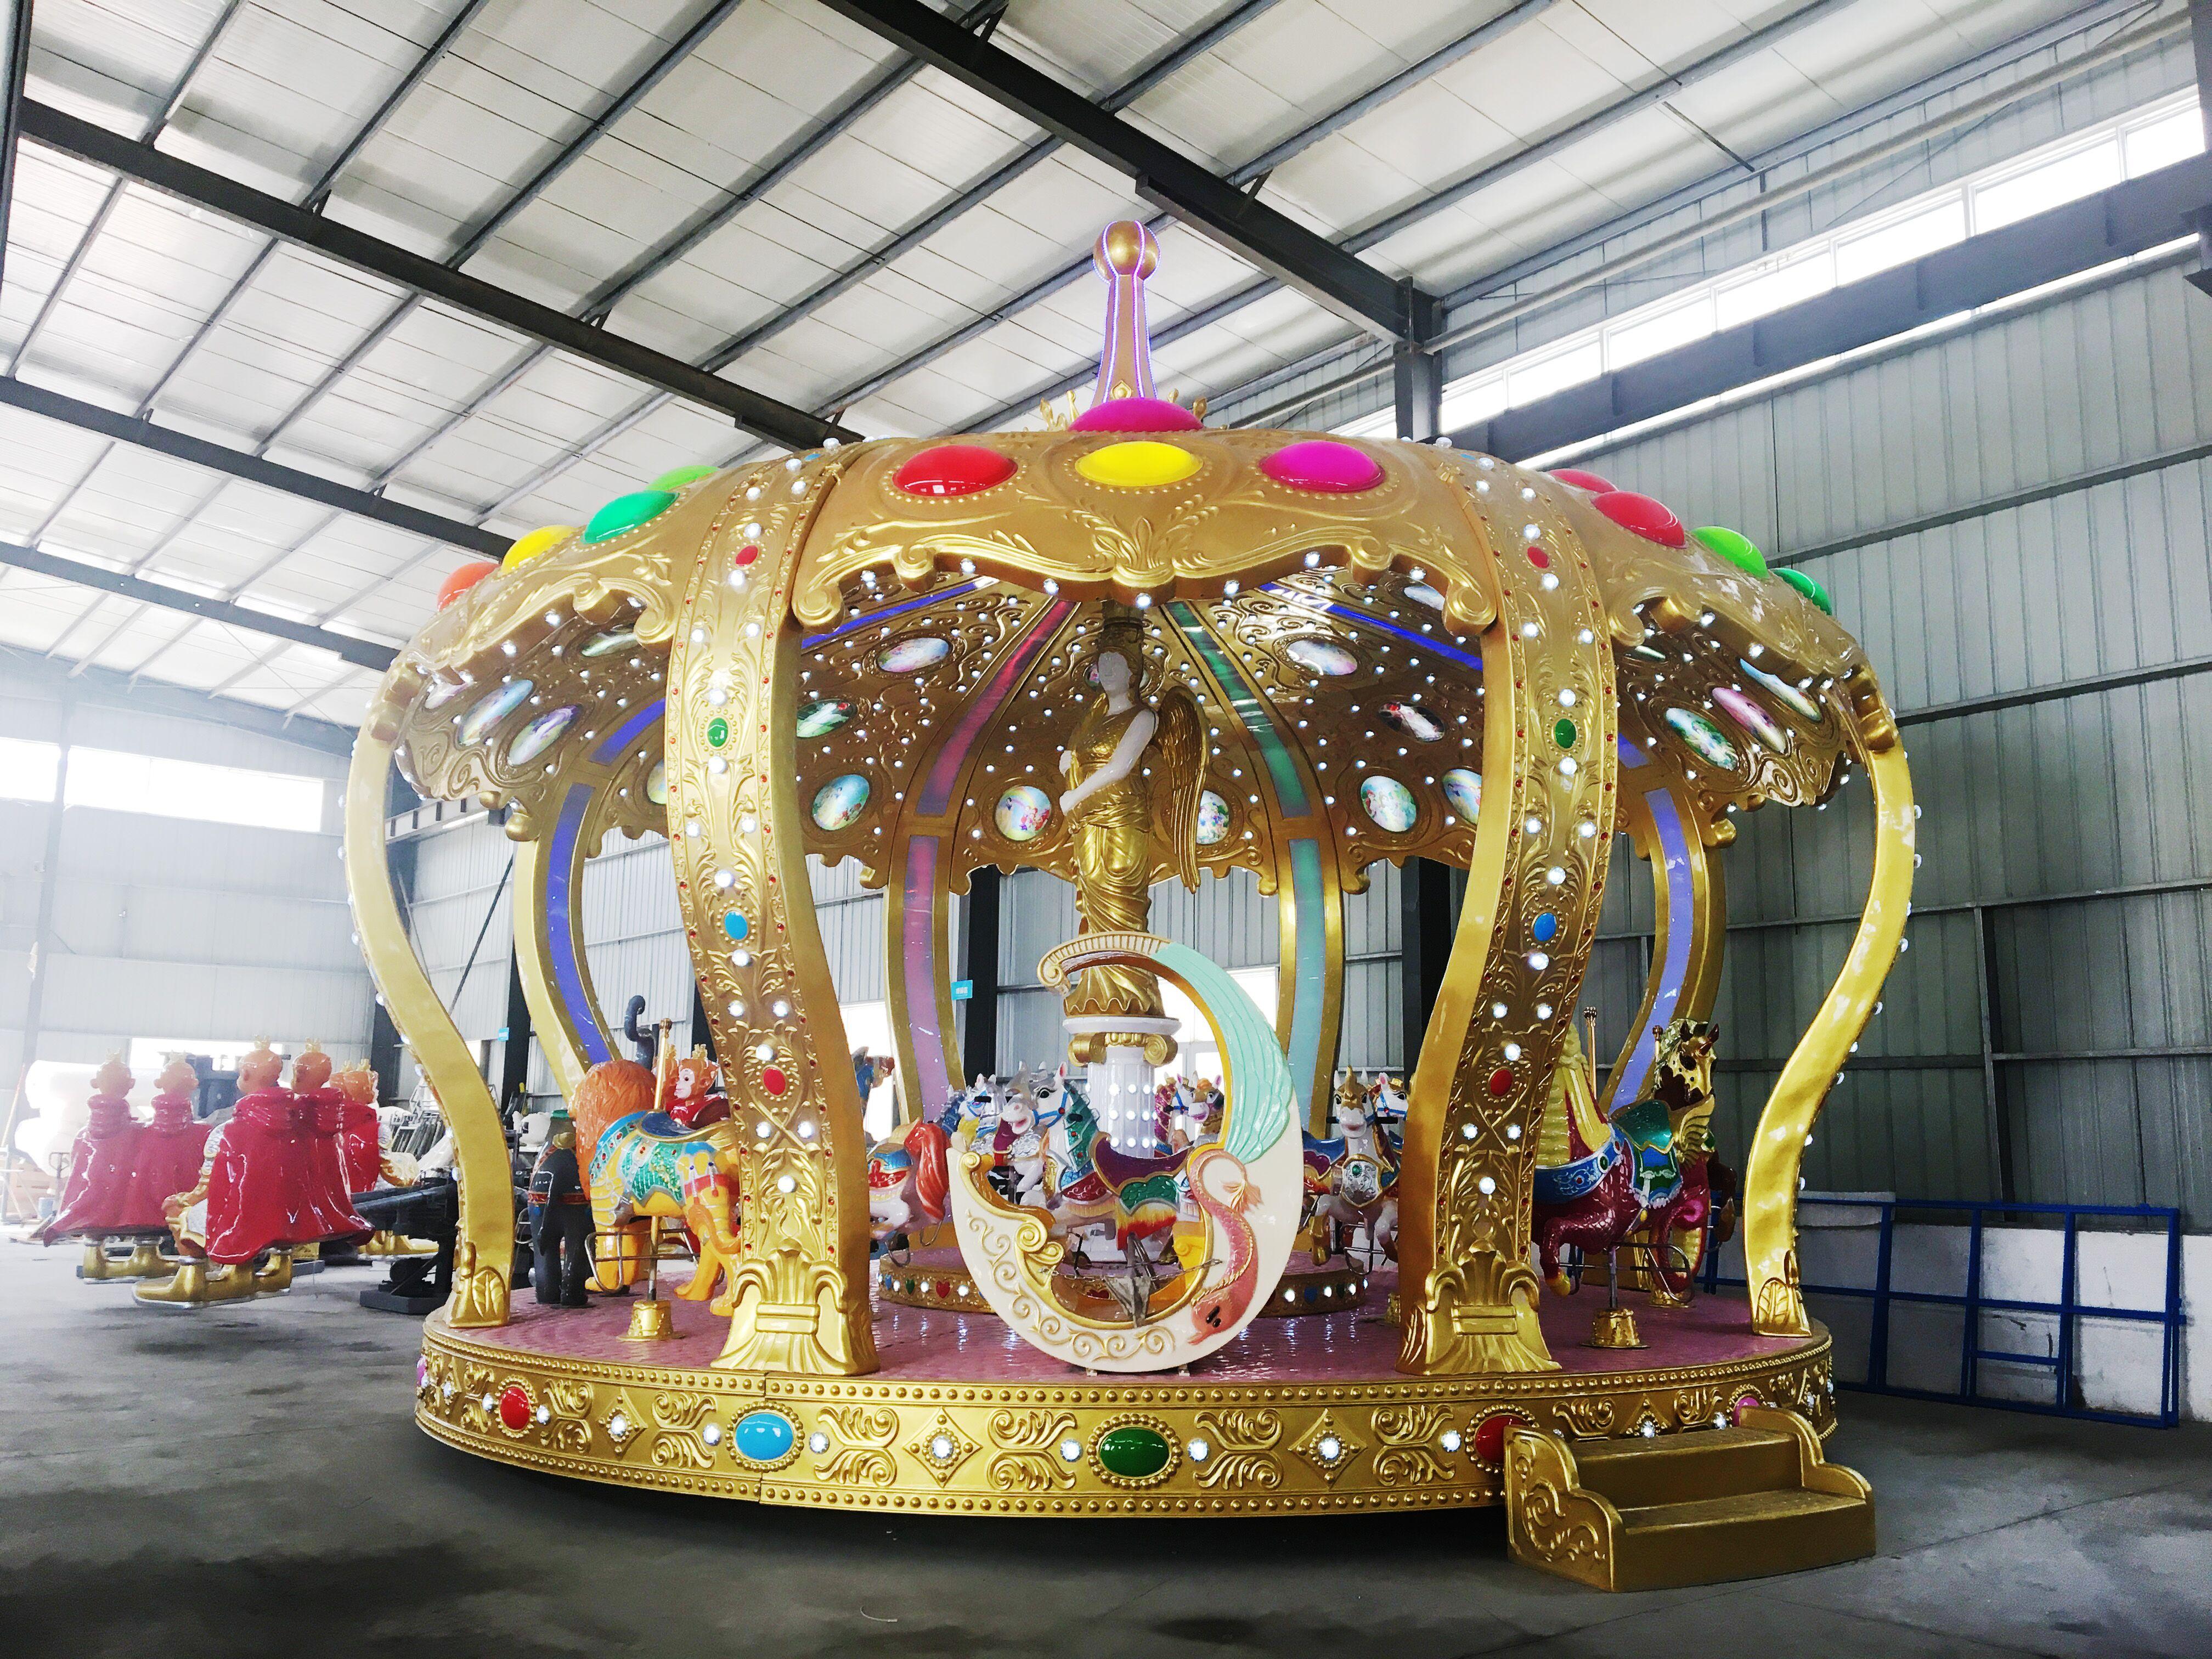 buy Fairground Carousel